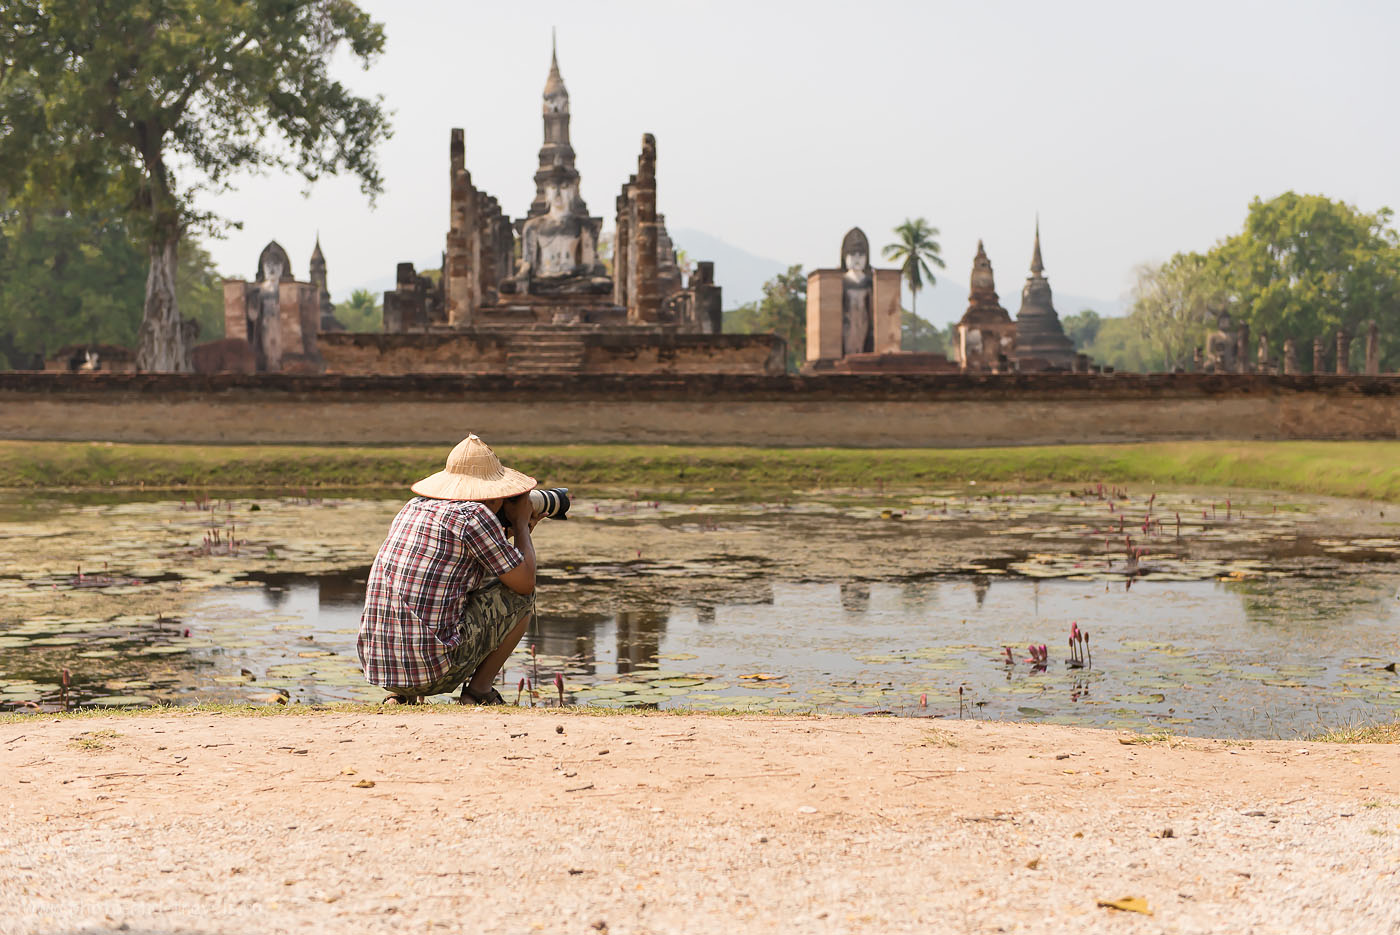 Фотография 14. Я же говорил, что в Таиланде принято фотографировать только на зеркалки фирмы Canon! Отчет о самостоятельной поездке в парк Сукхотаи